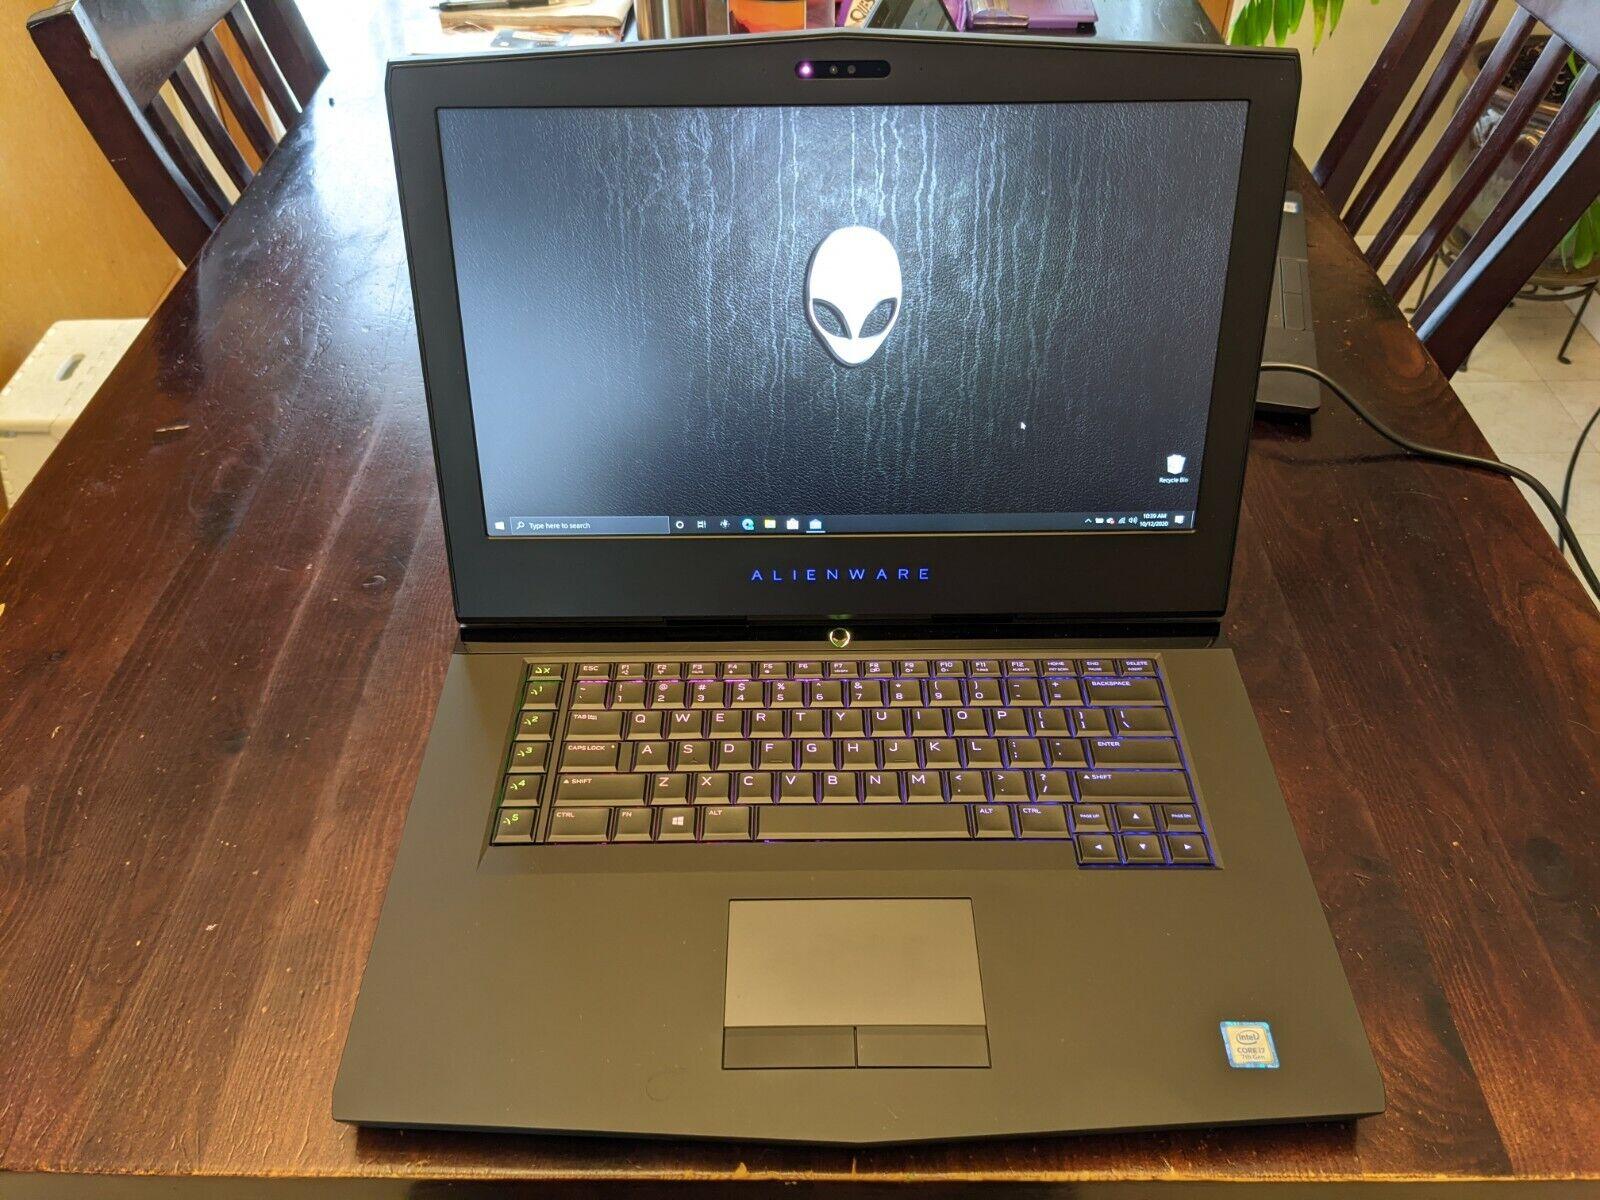 Alienware 15 R3 Laptop I7-7700HQ GTX 1070 500/256/250GB SSD 16GB RAM Windows 10  - $750.00